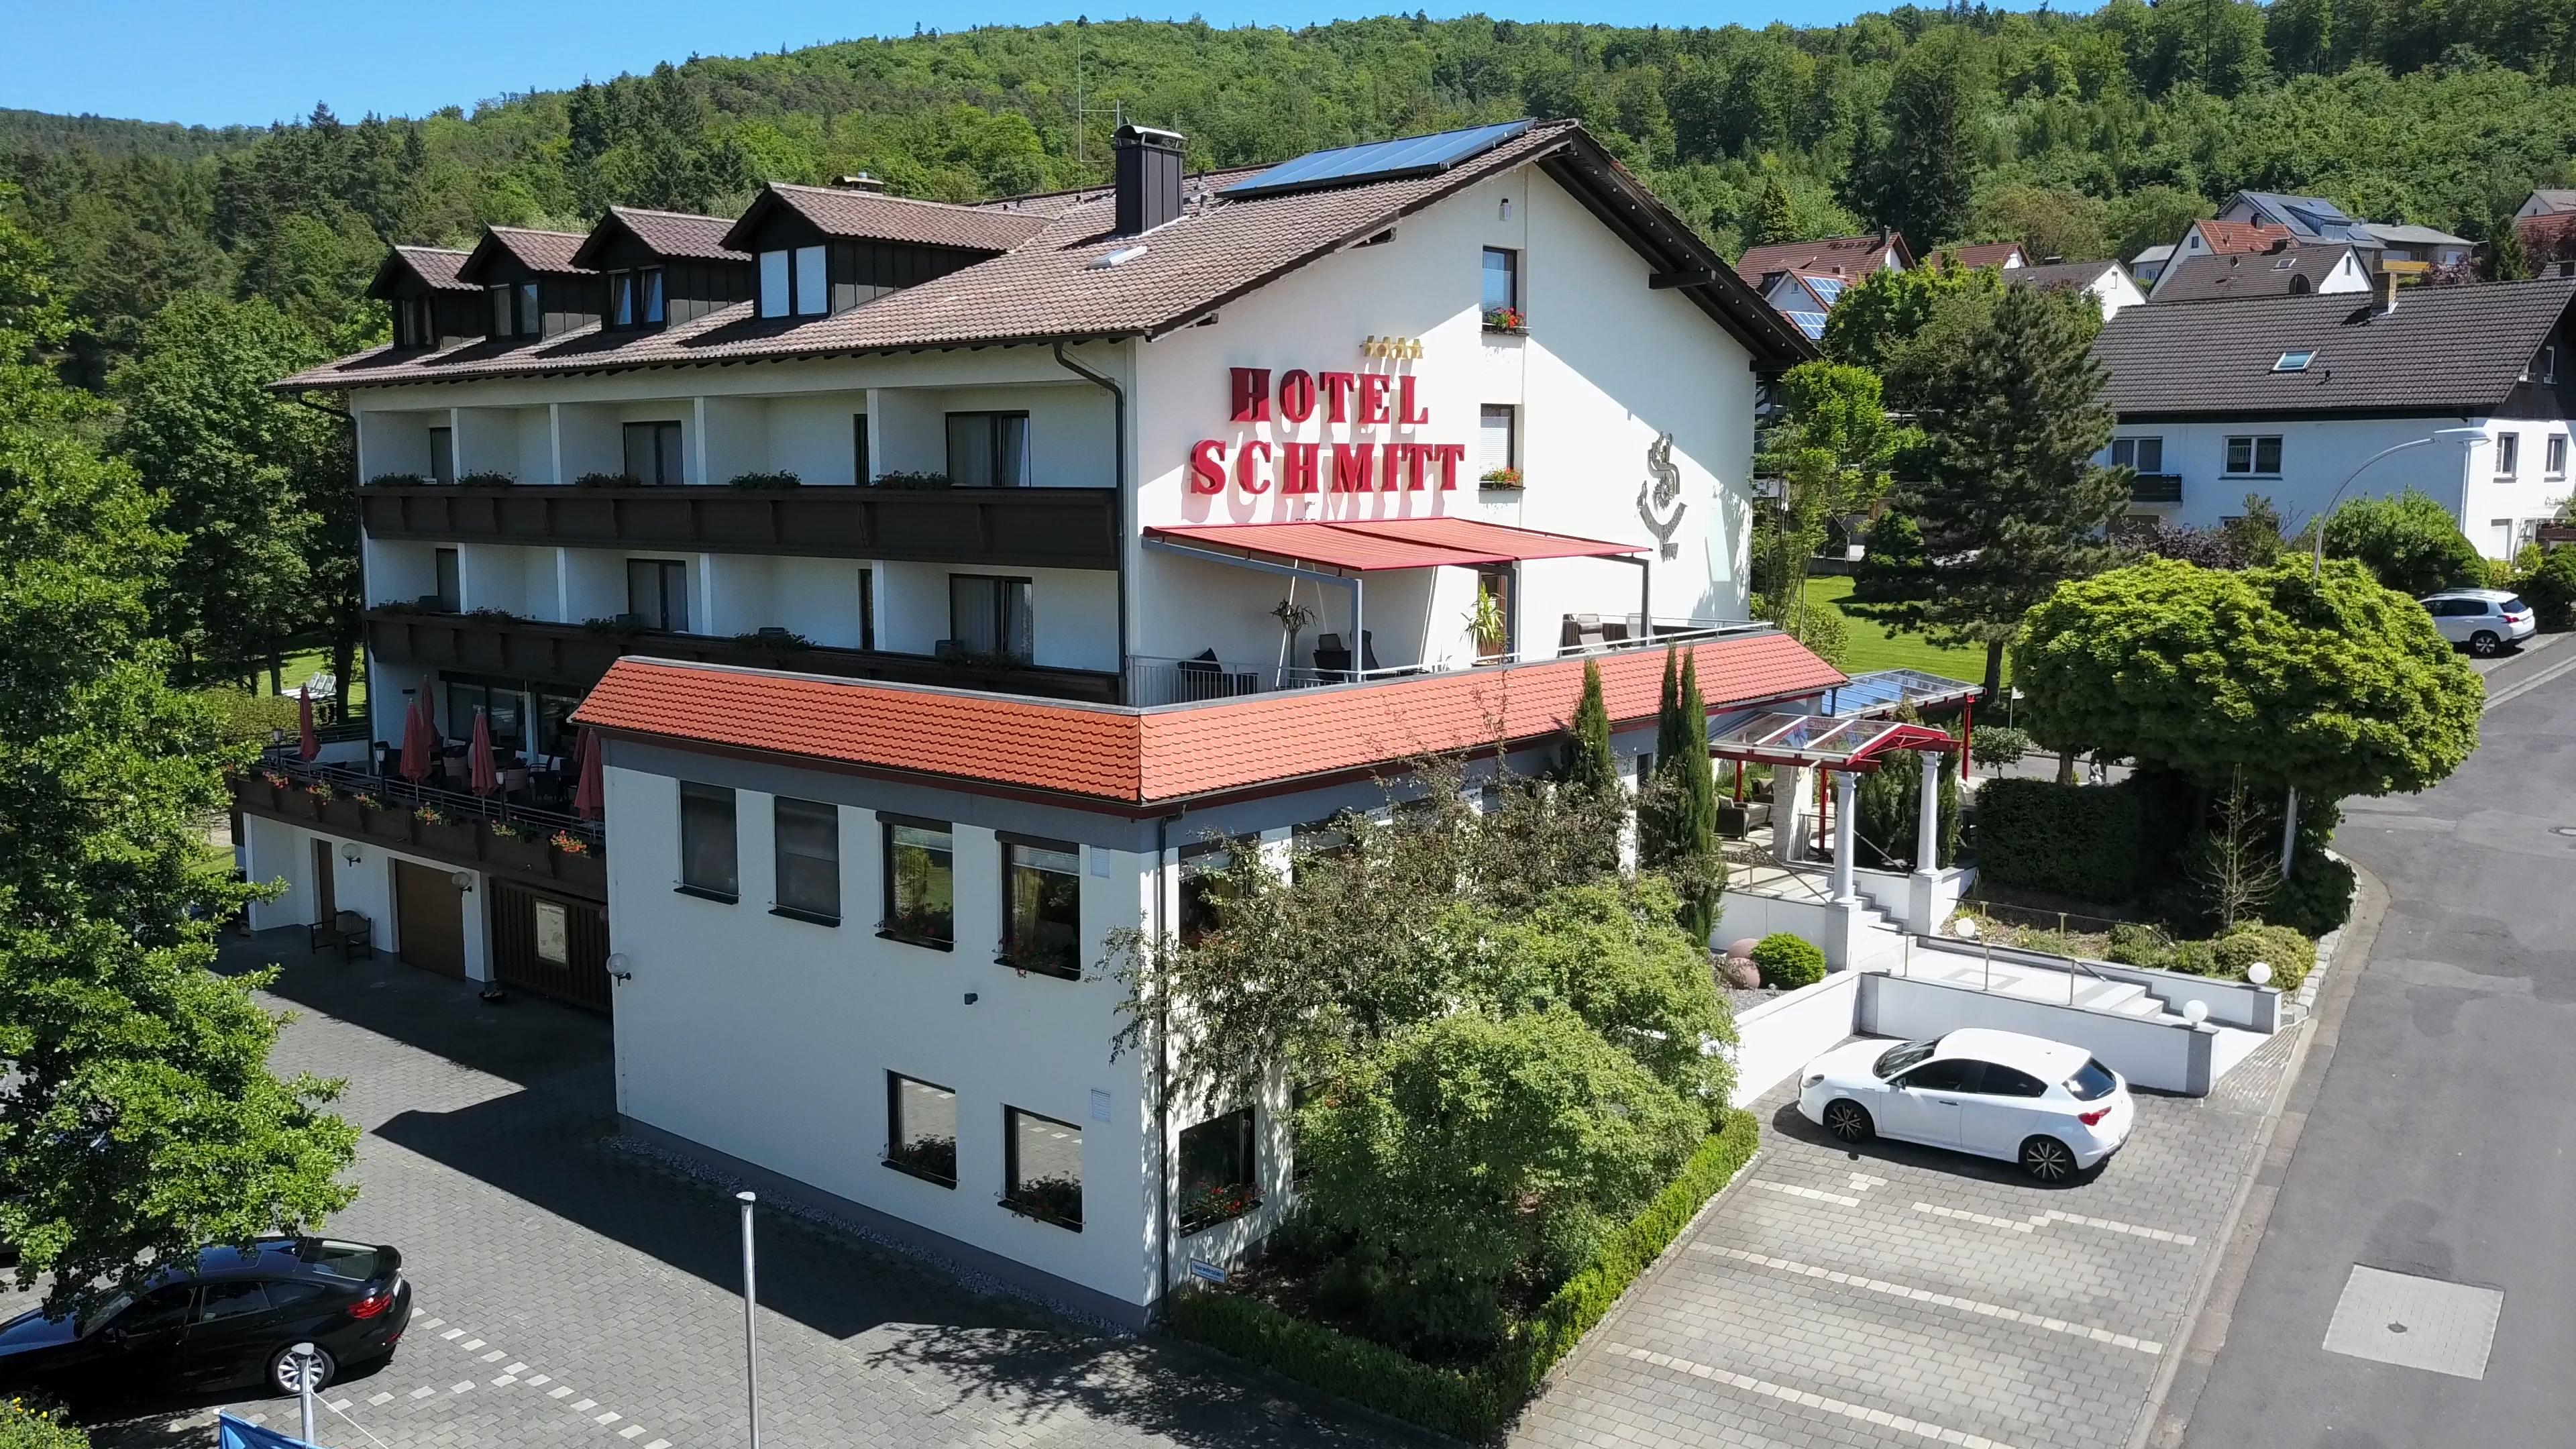 Hotel Schmitt Mönchberg